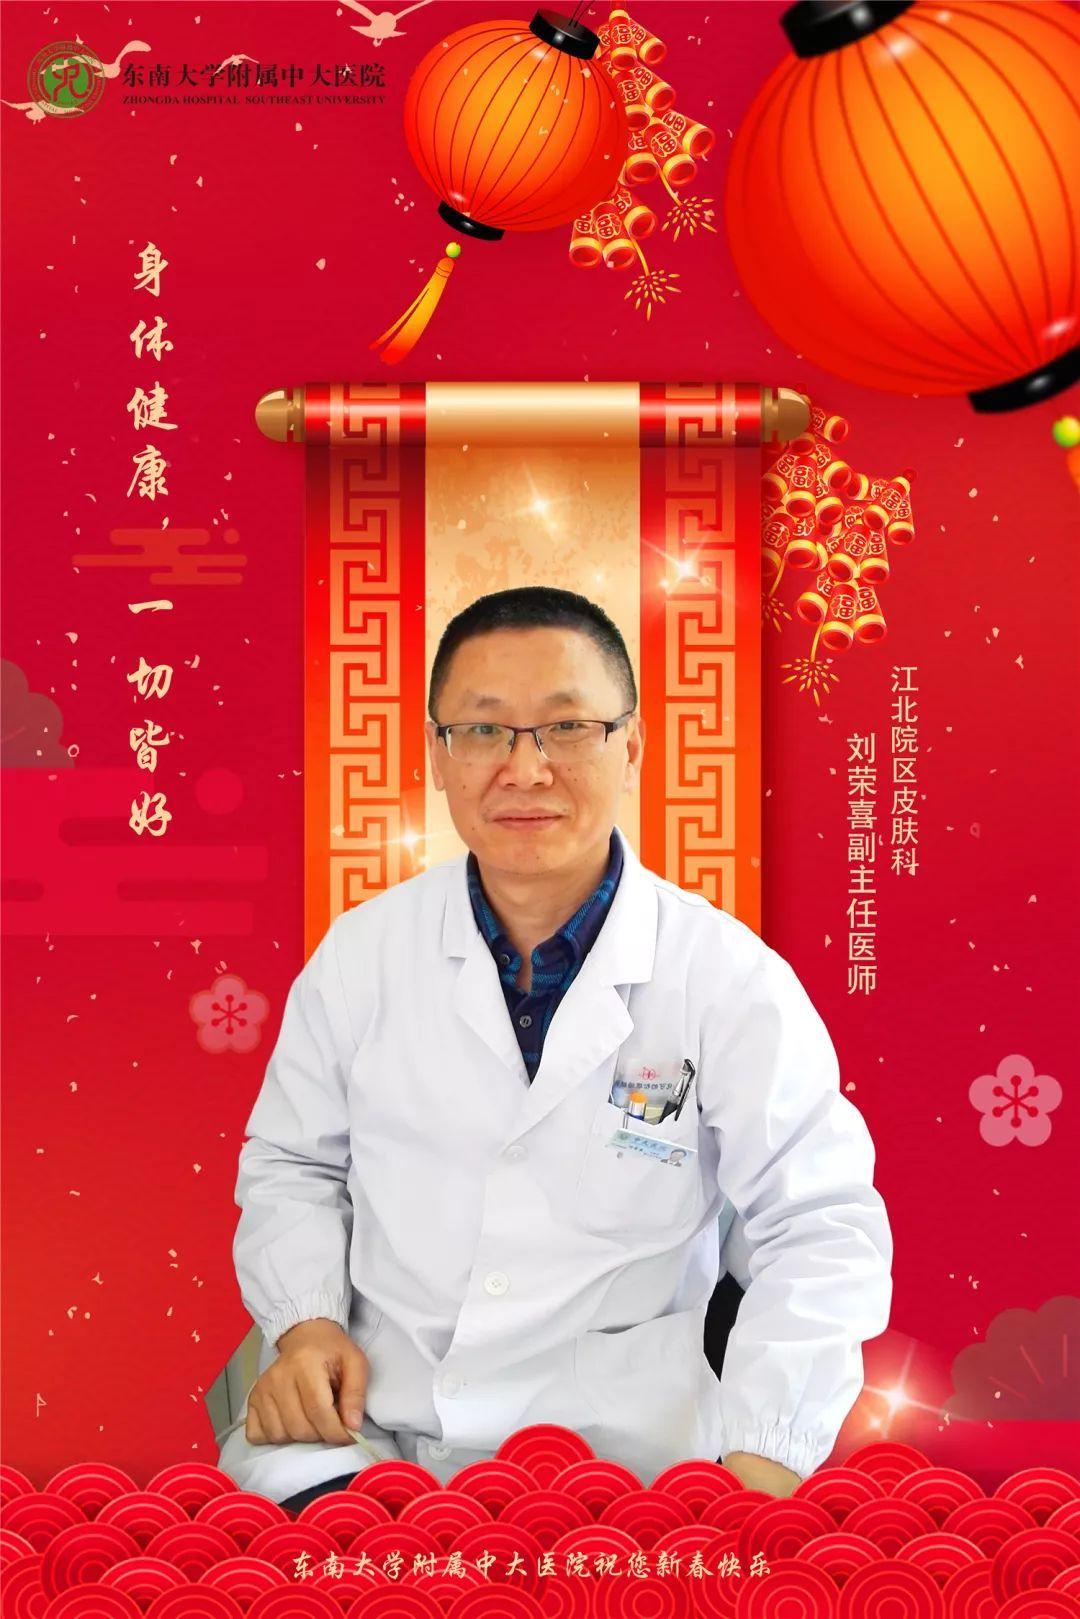 刘荣喜  :医患互信,一切皆好